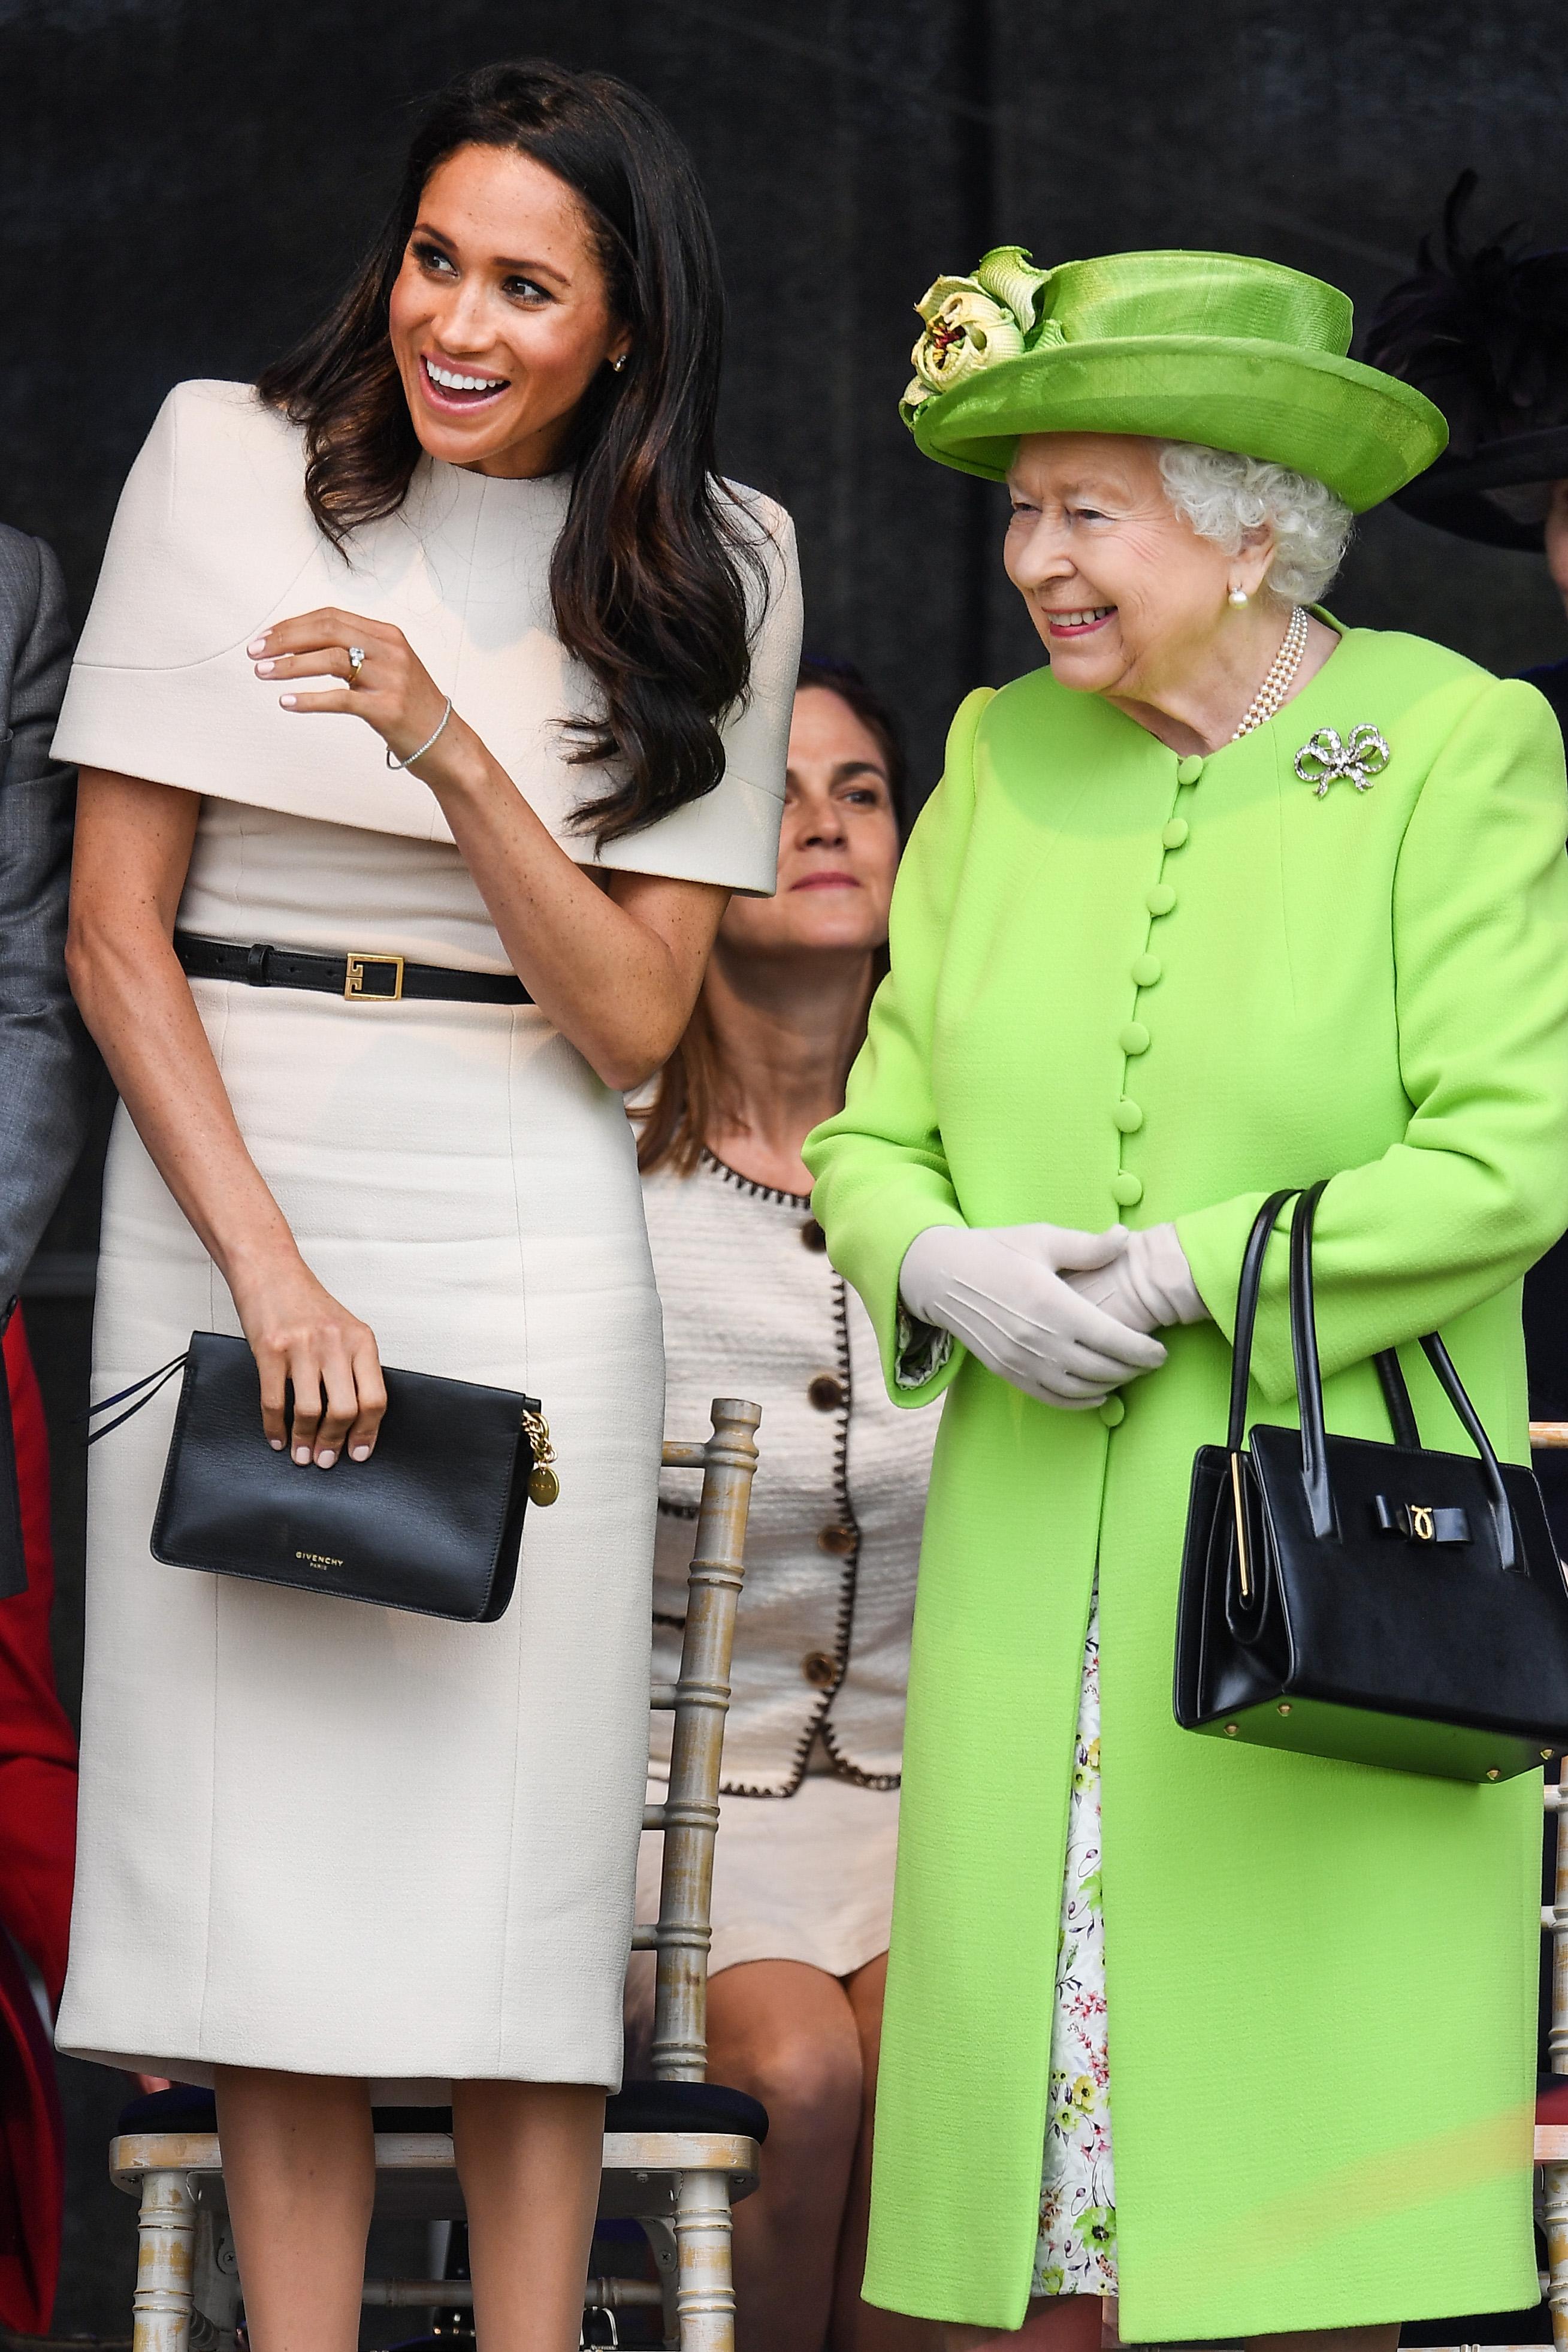 <p>Меган заложи на доверения си дизайнер - Givenchy, за първия си официален кралски излет с кралица Елизабет II през юни 2018 г.</p>